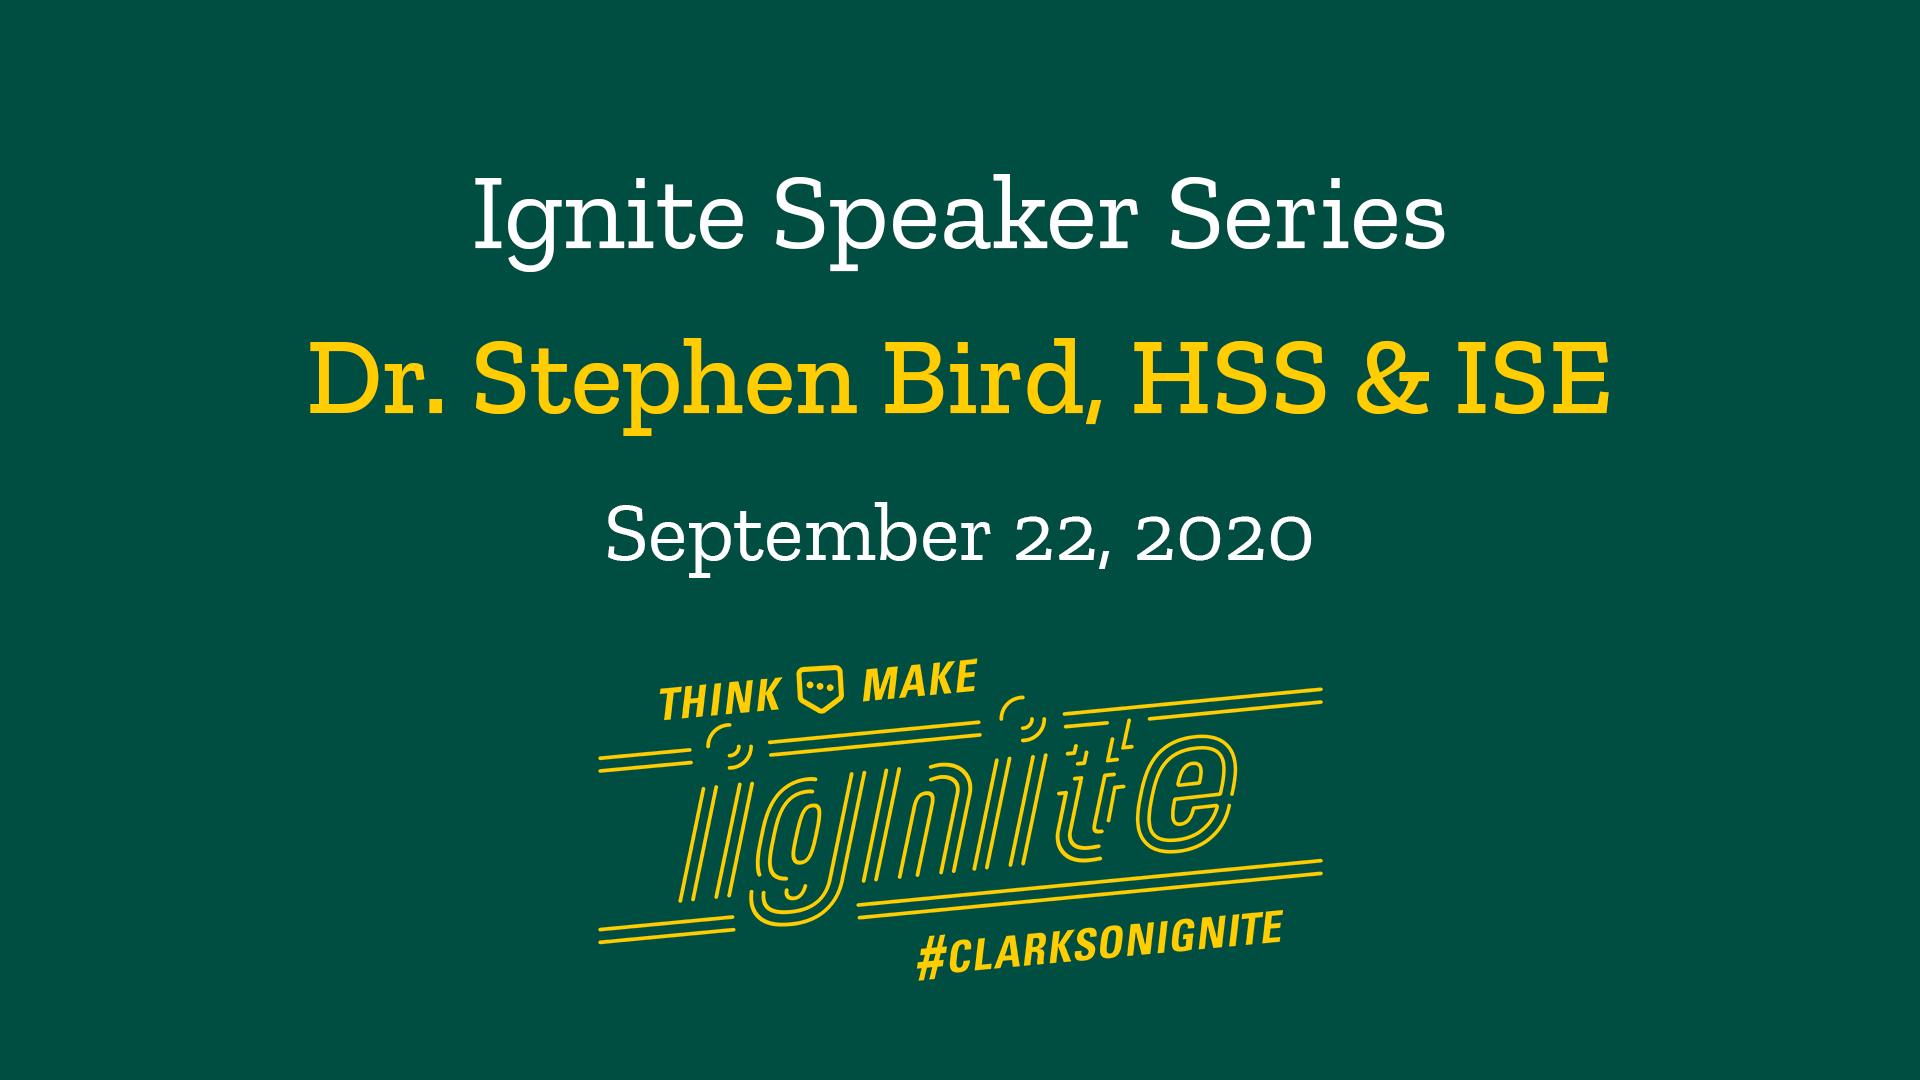 Ignite Speaker Series- September 22, 2020 @ 2 PM